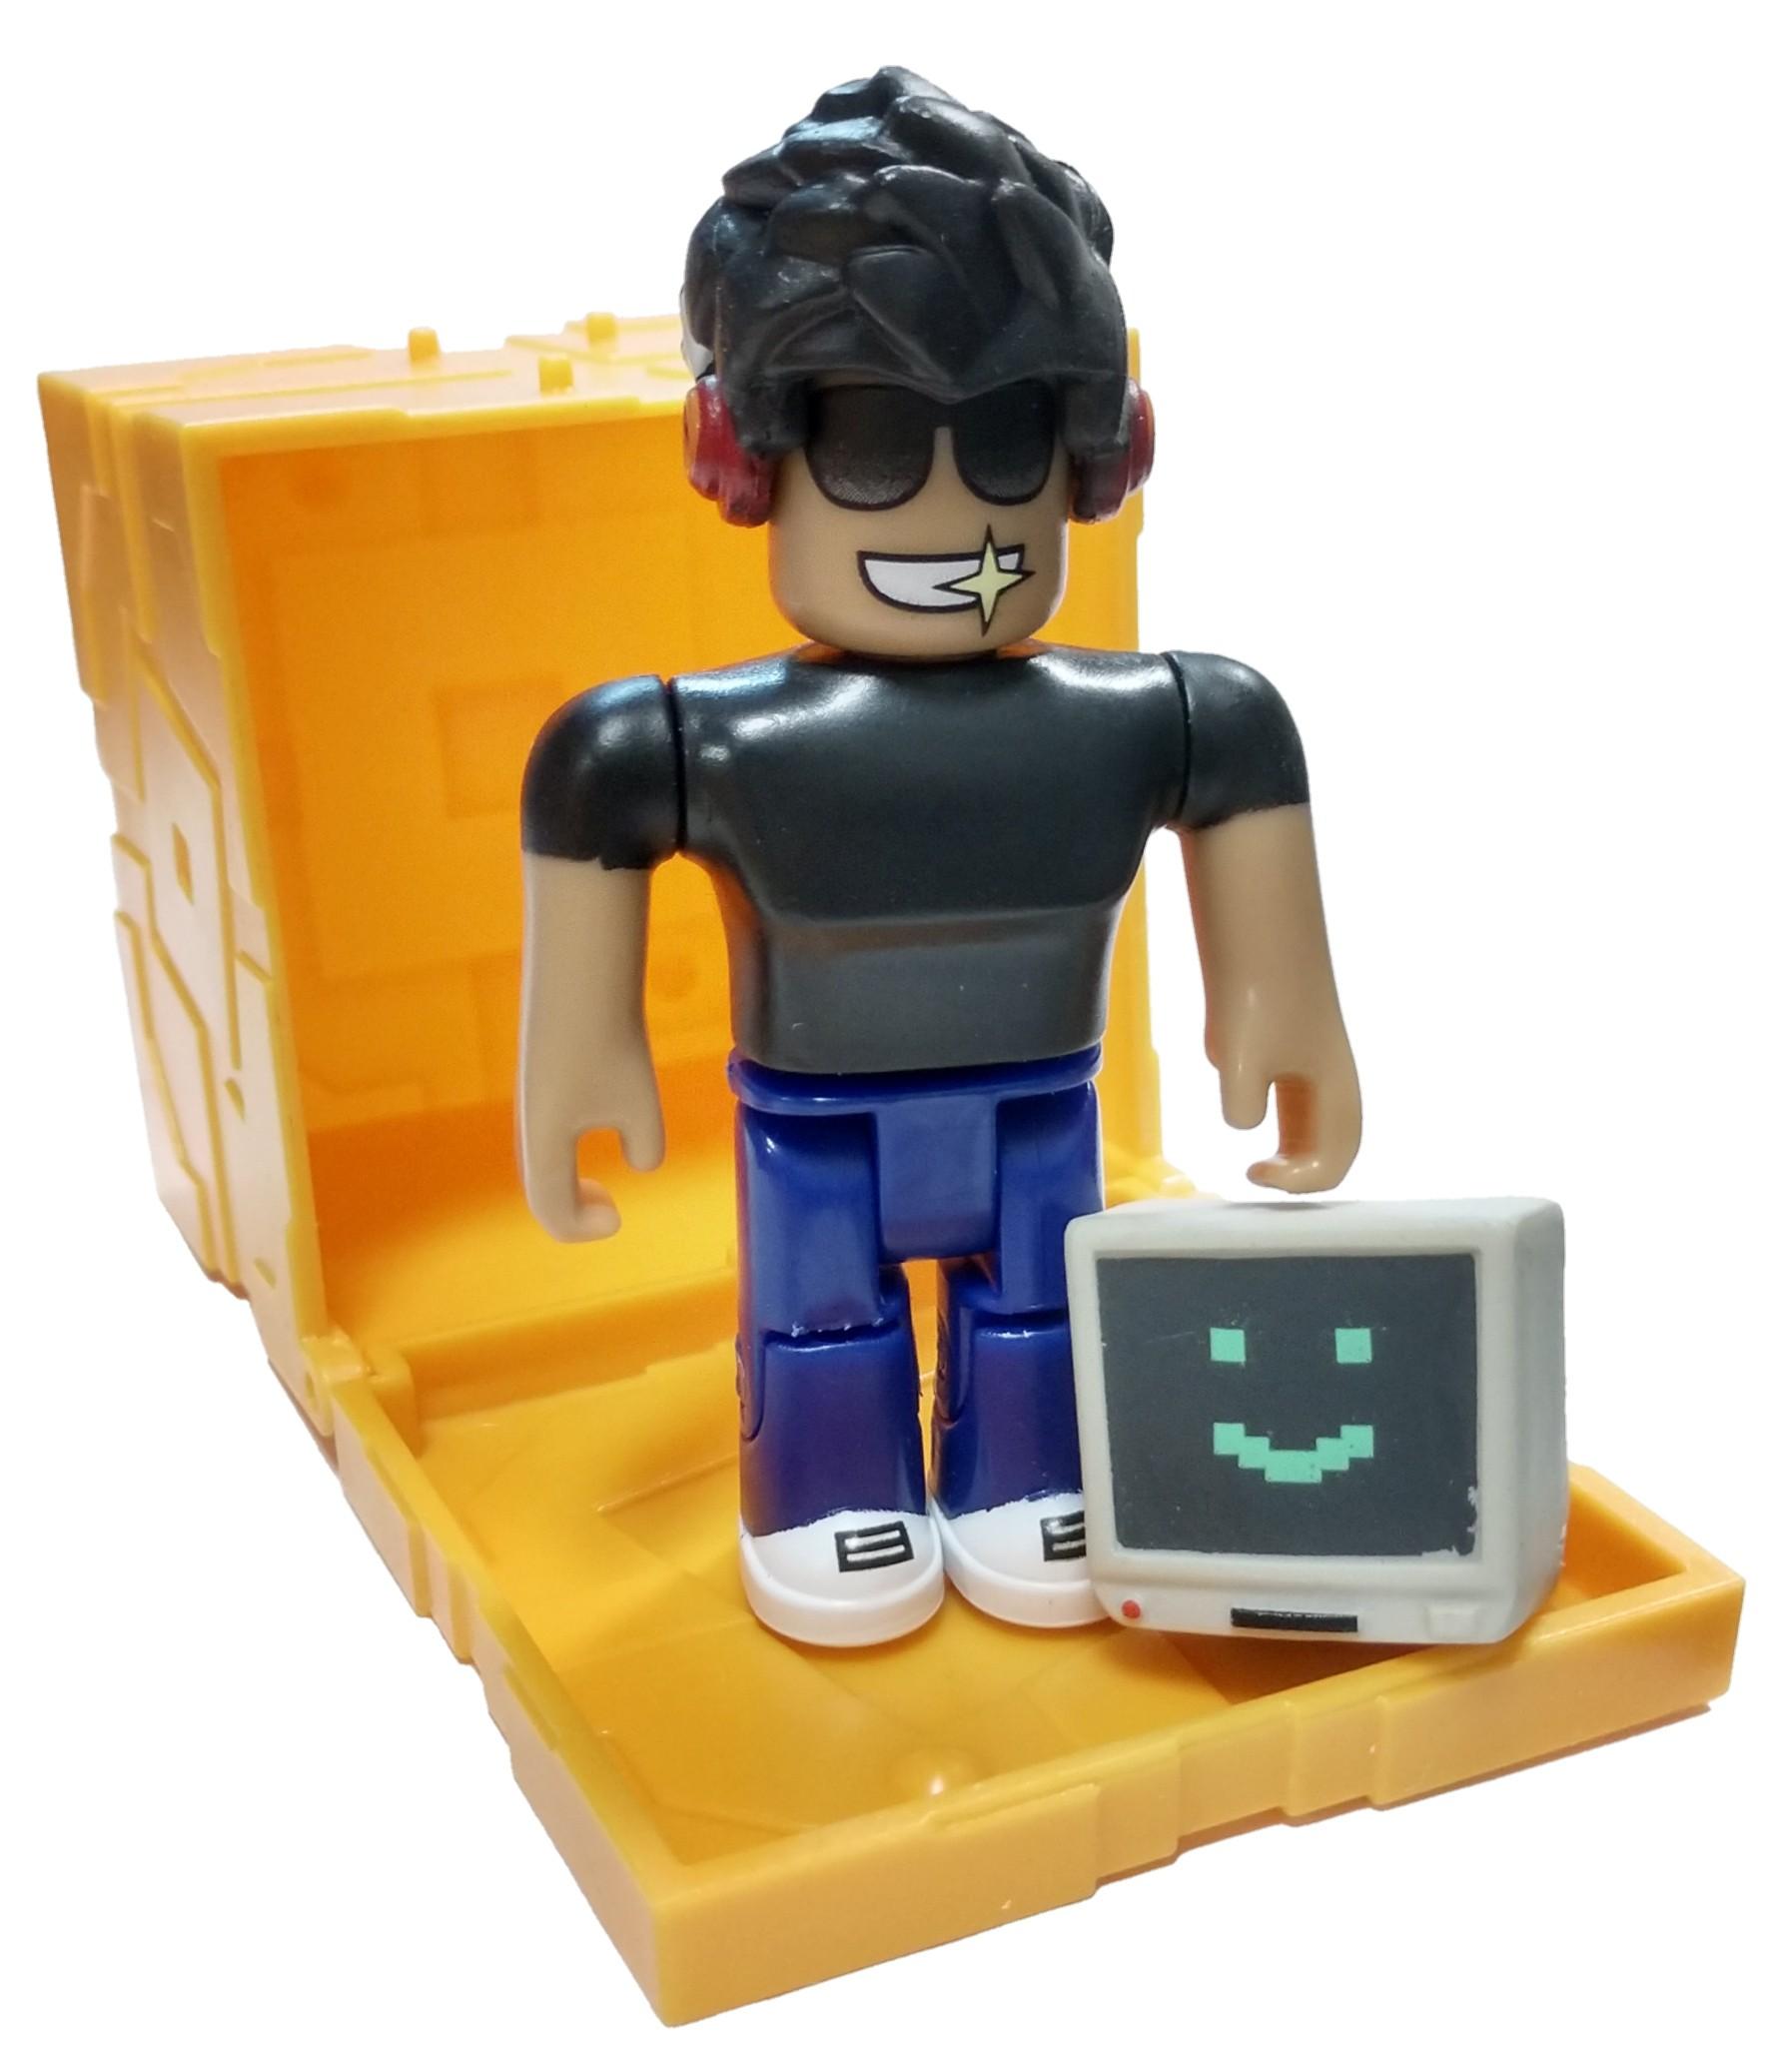 Detalles Acerca De Roblox Serie 5 Simbuilder Mini Figura Con Cubo De Oro Y Código En Línea Suelta Mostrar Título Original - roblox series 1 builderman mini figure with code